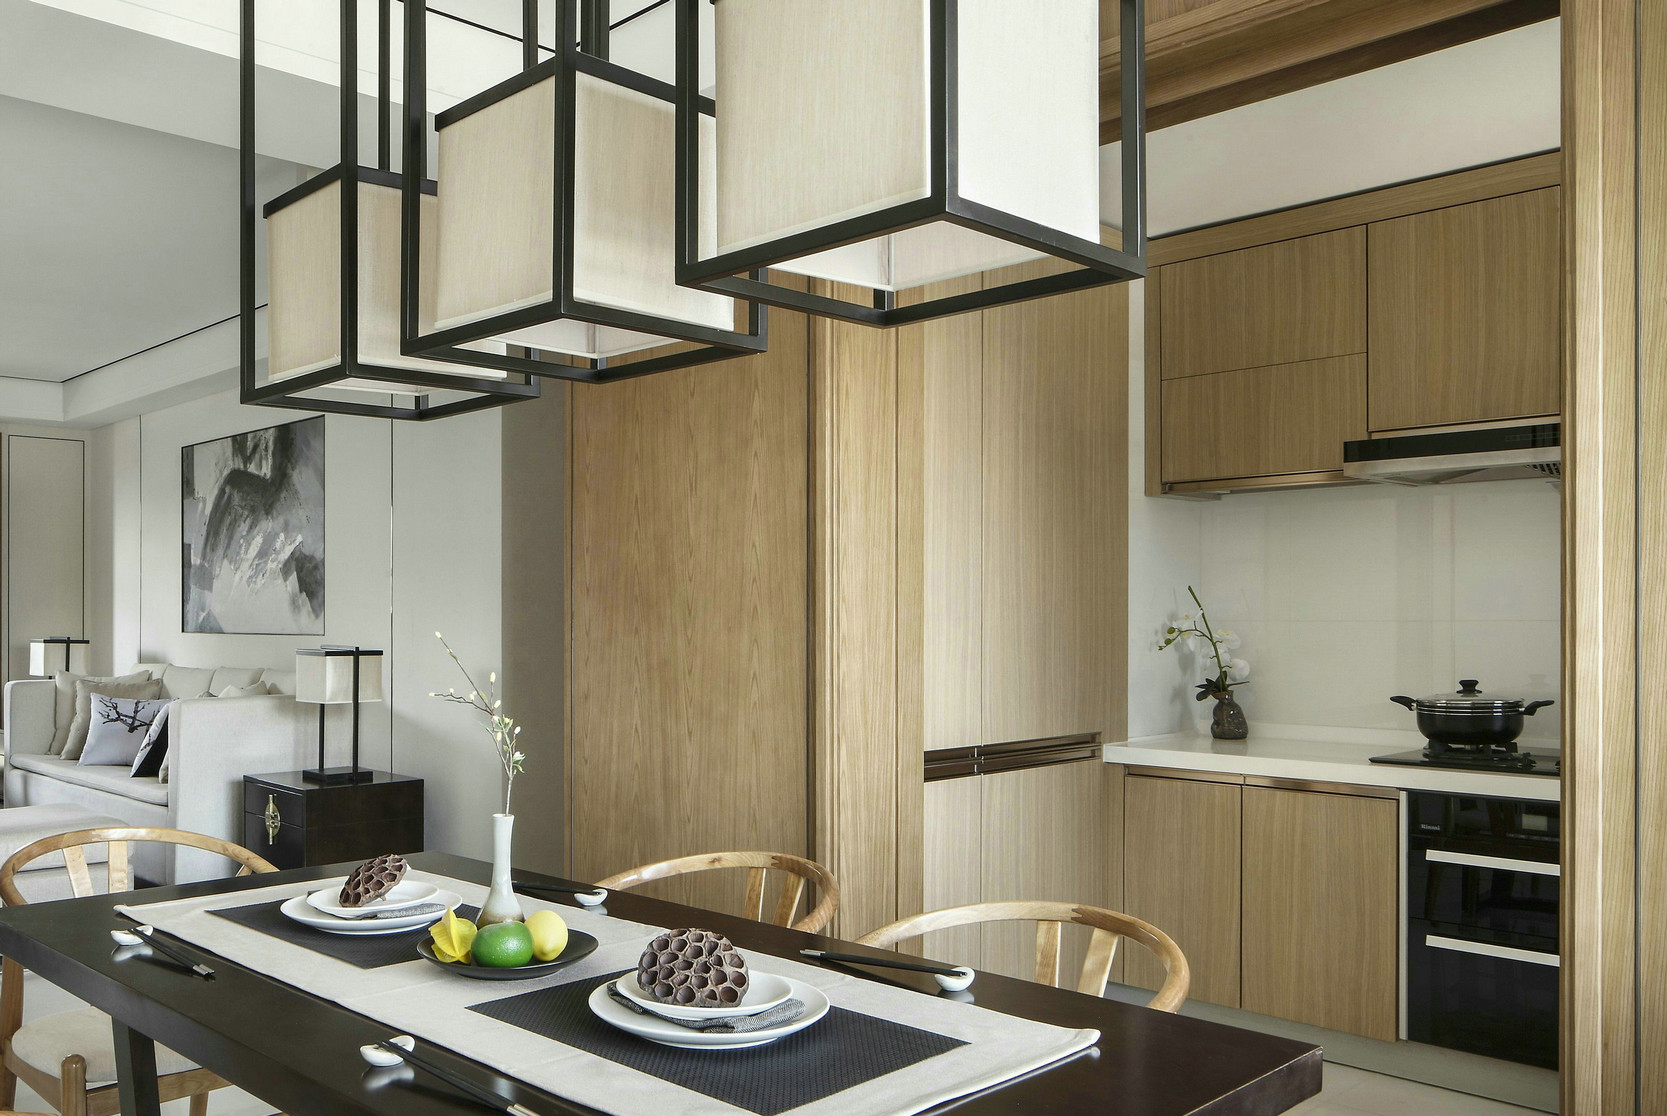 三居室新中式风格厨房装修效果图